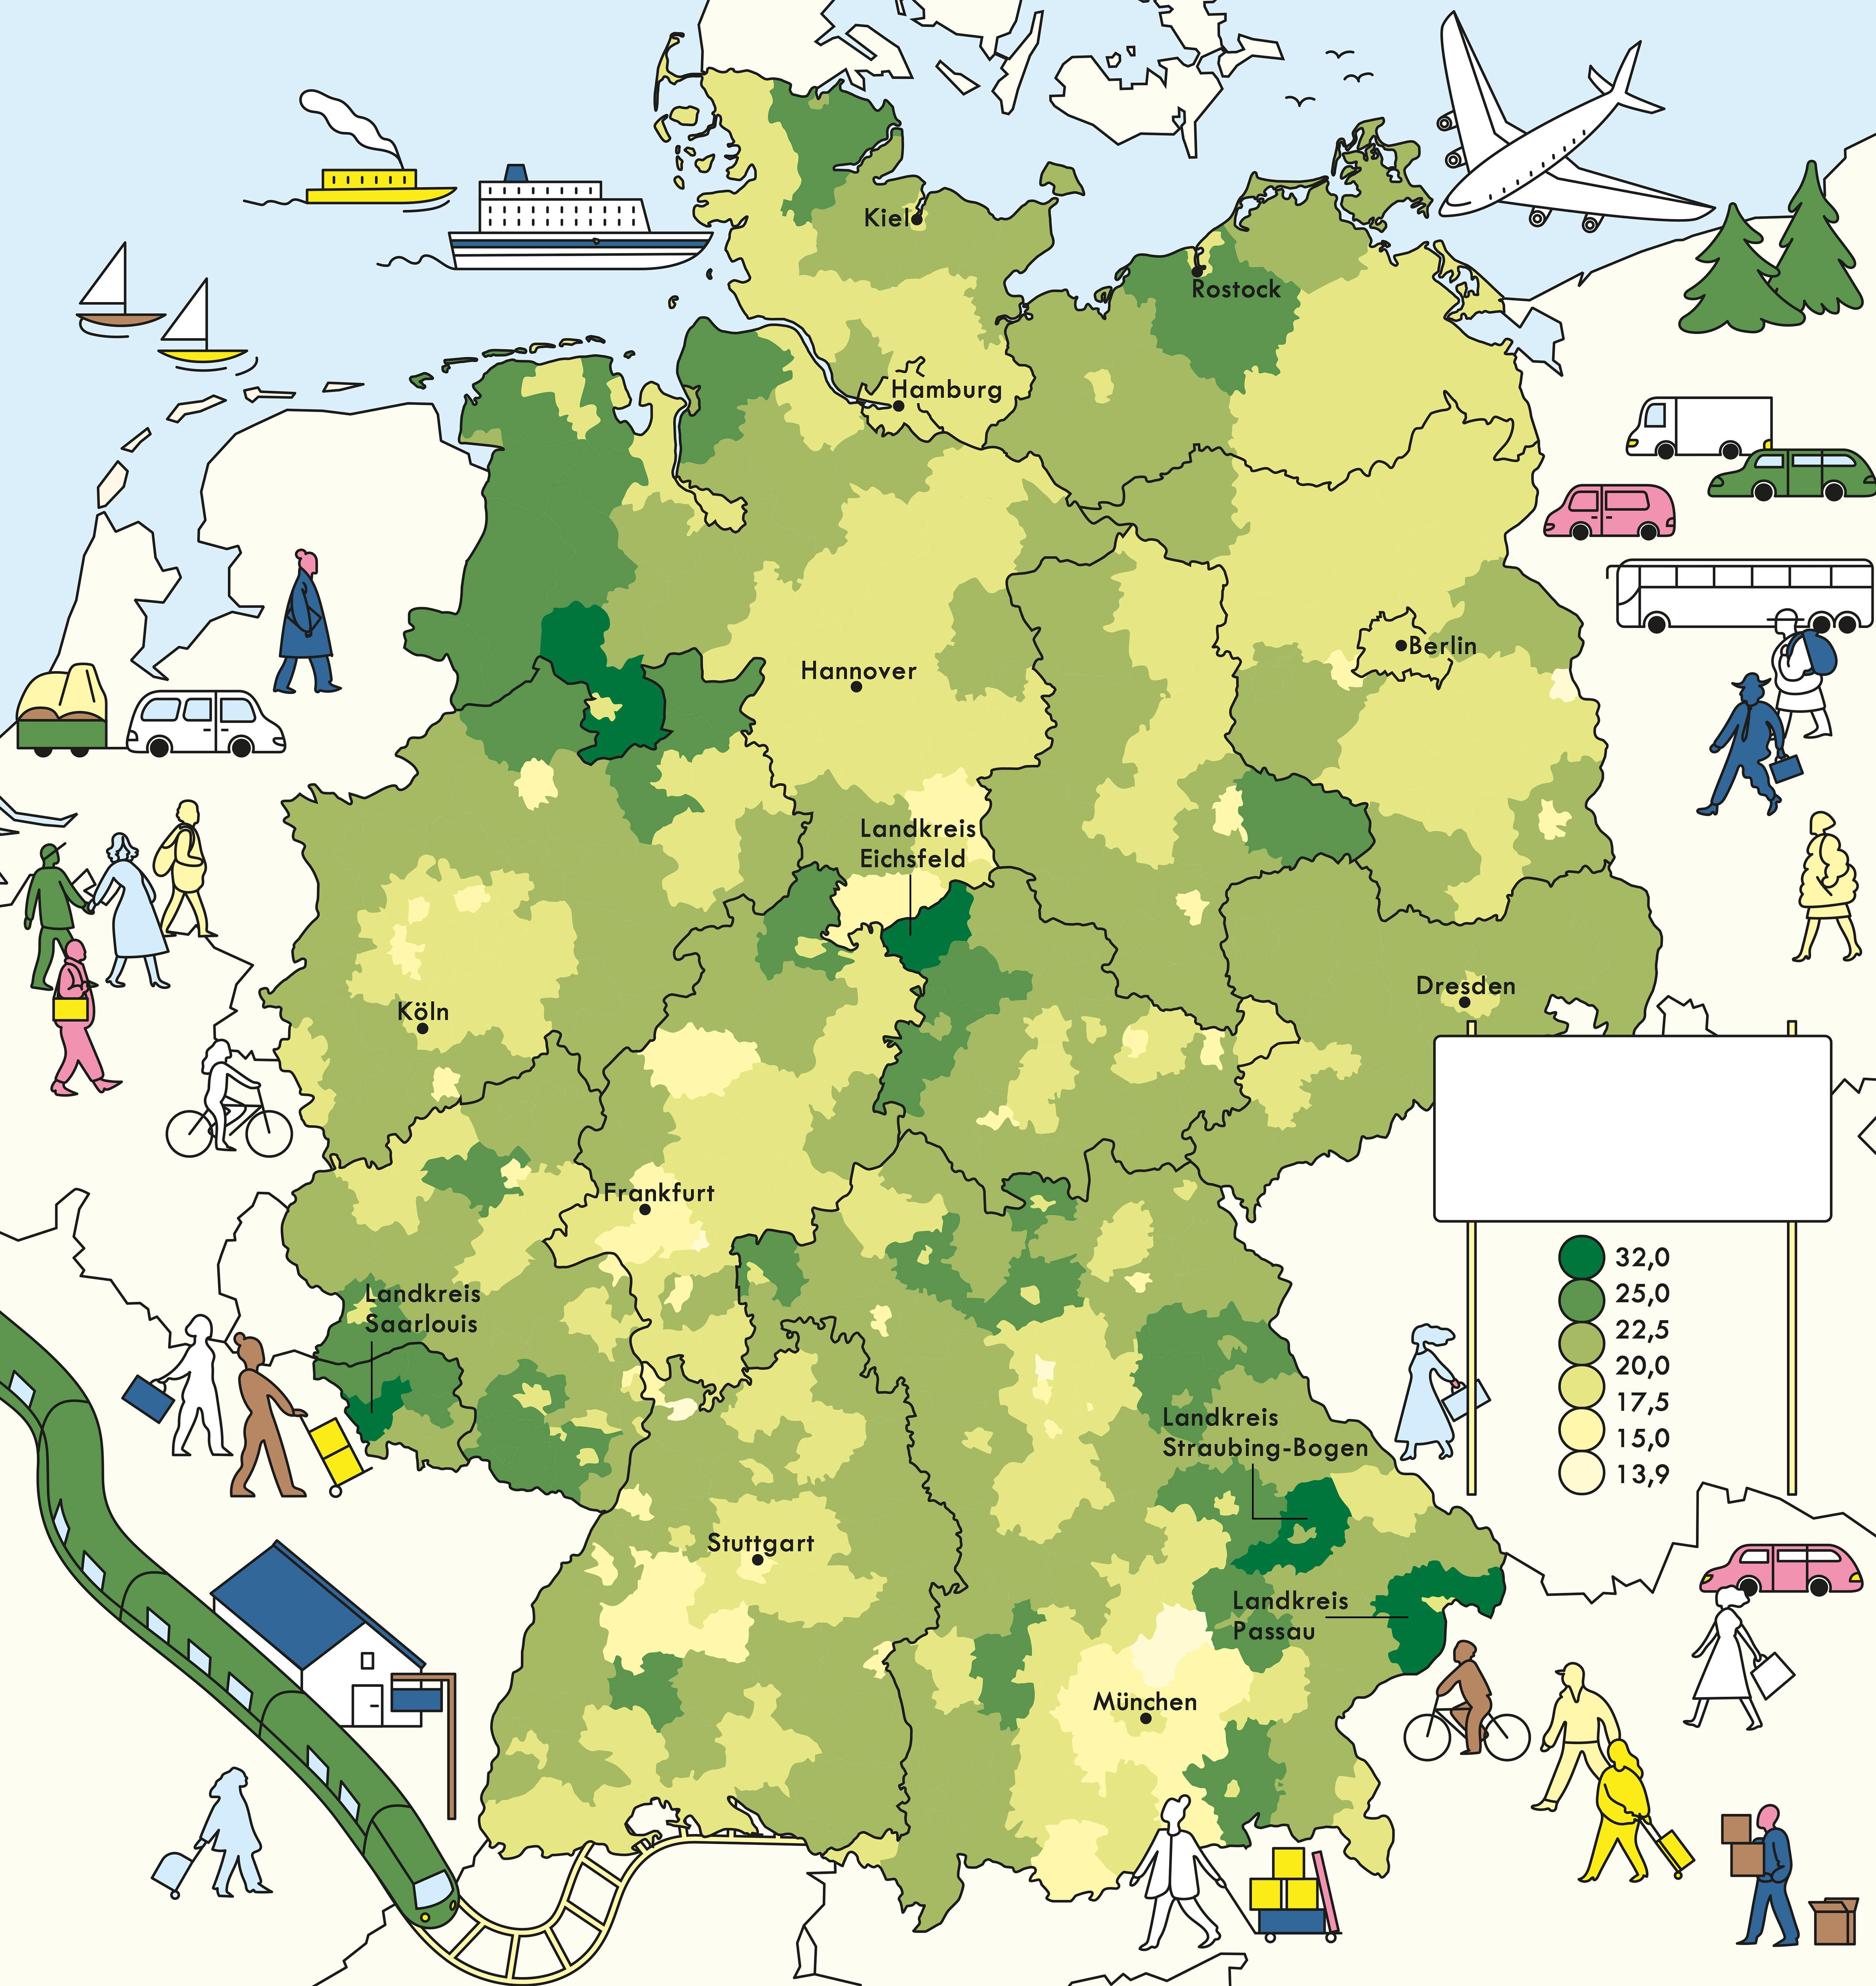 Deutschland Karte Autobahnen Und Städte.Deutschlandkarte Sehenswertes An Autobahnen Zeitmagazin